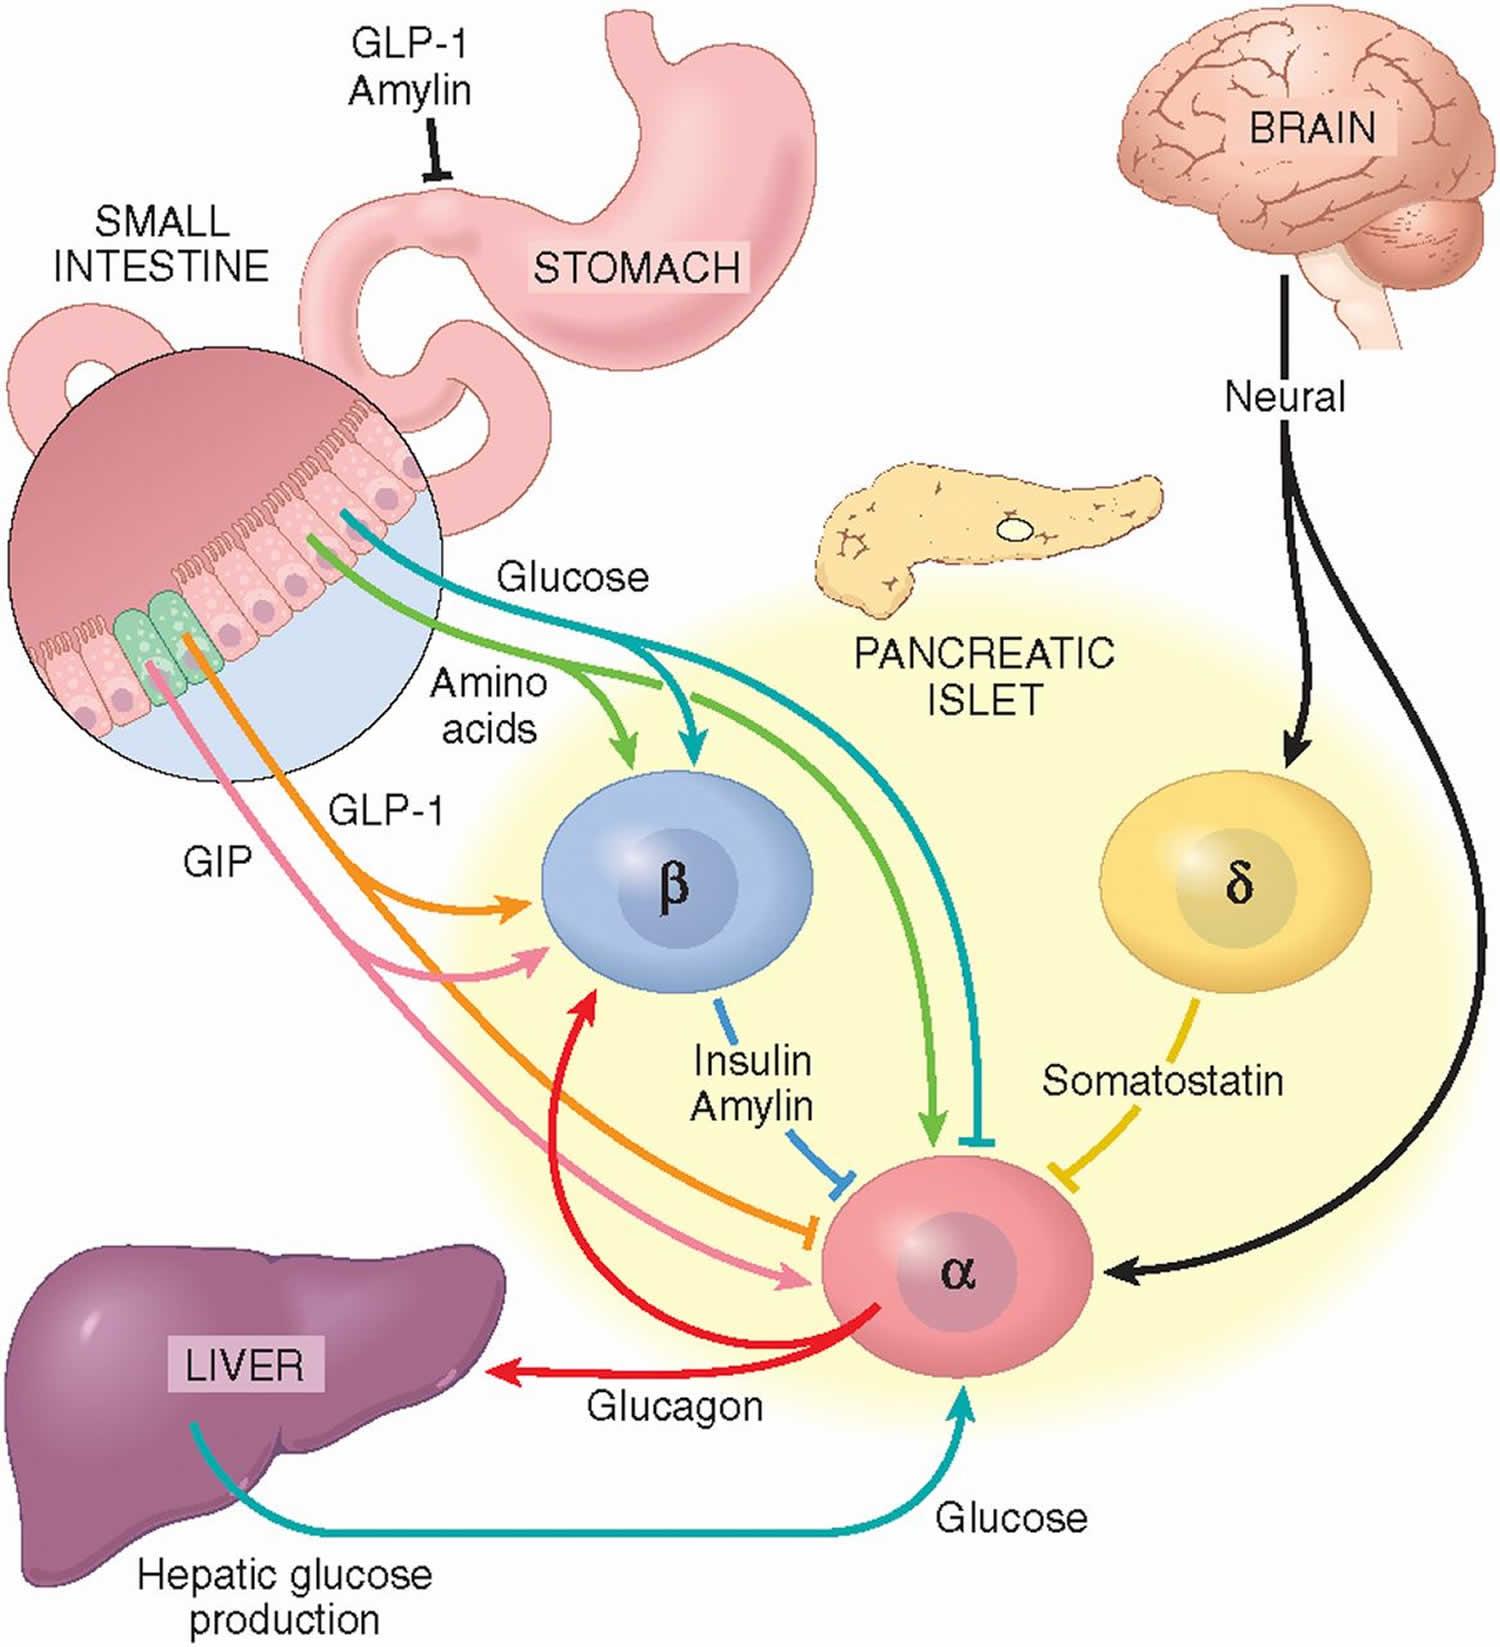 Endocrine System Feedback Loop Diagram